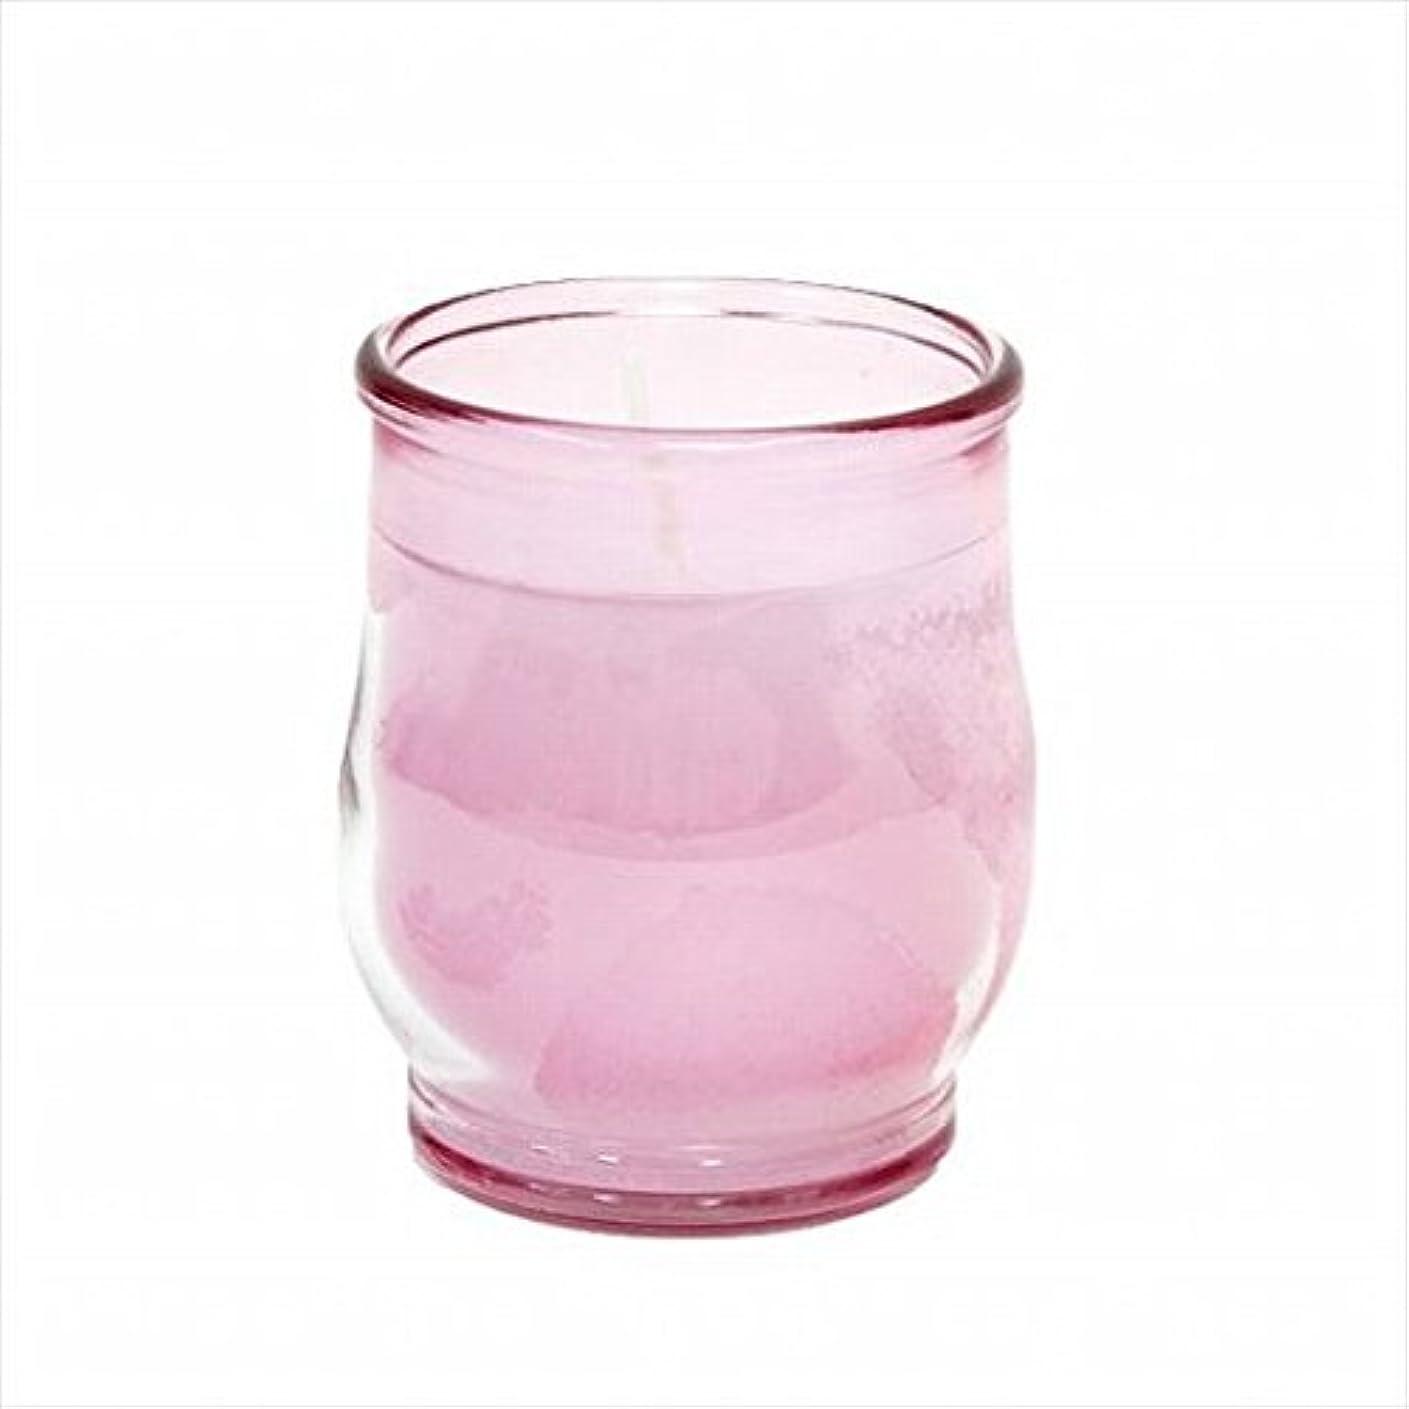 受け入れ業界摩擦kameyama candle(カメヤマキャンドル) ポシェ(非常用コップローソク) 「 ピンク(ライトカラー) 」 キャンドル 68x68x80mm (73020030P)